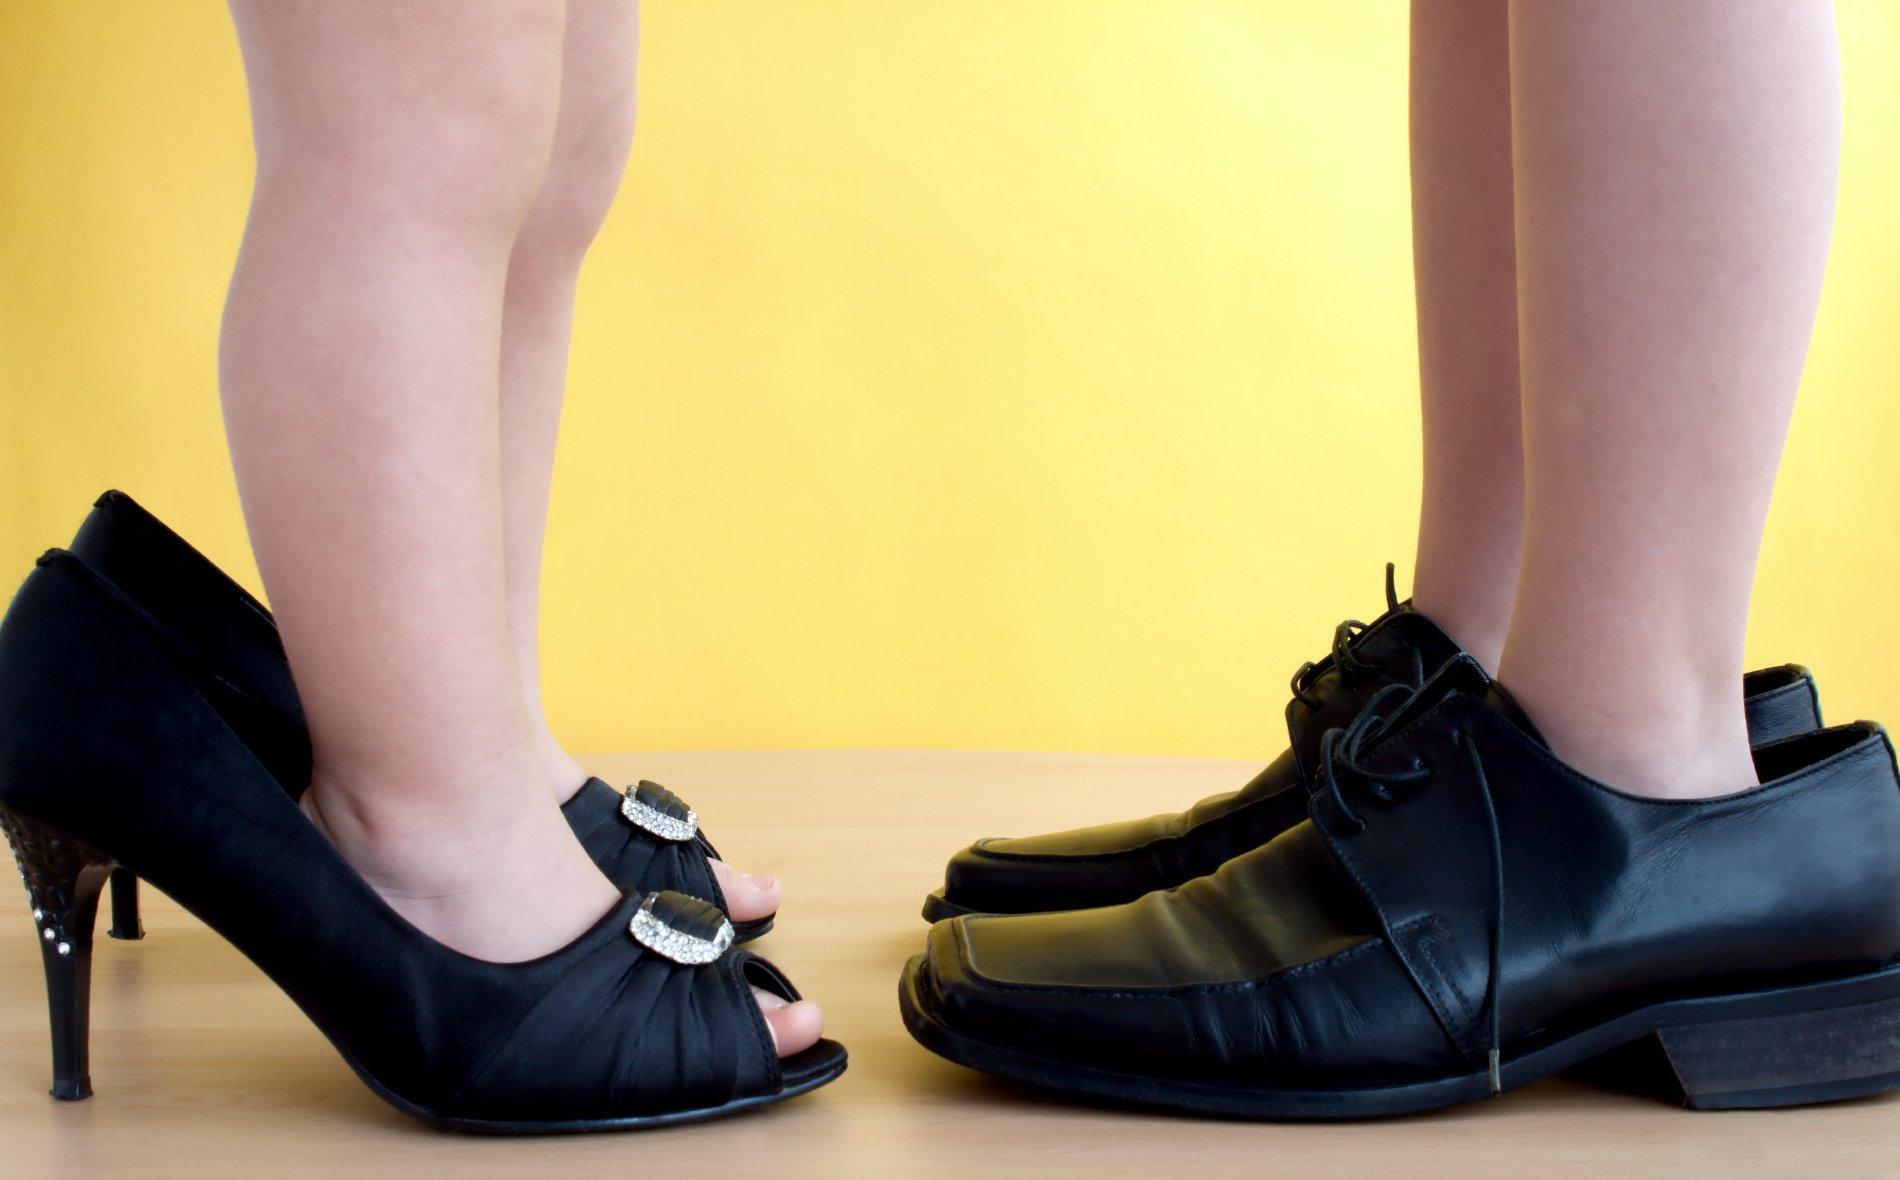 Расчет размера обуви